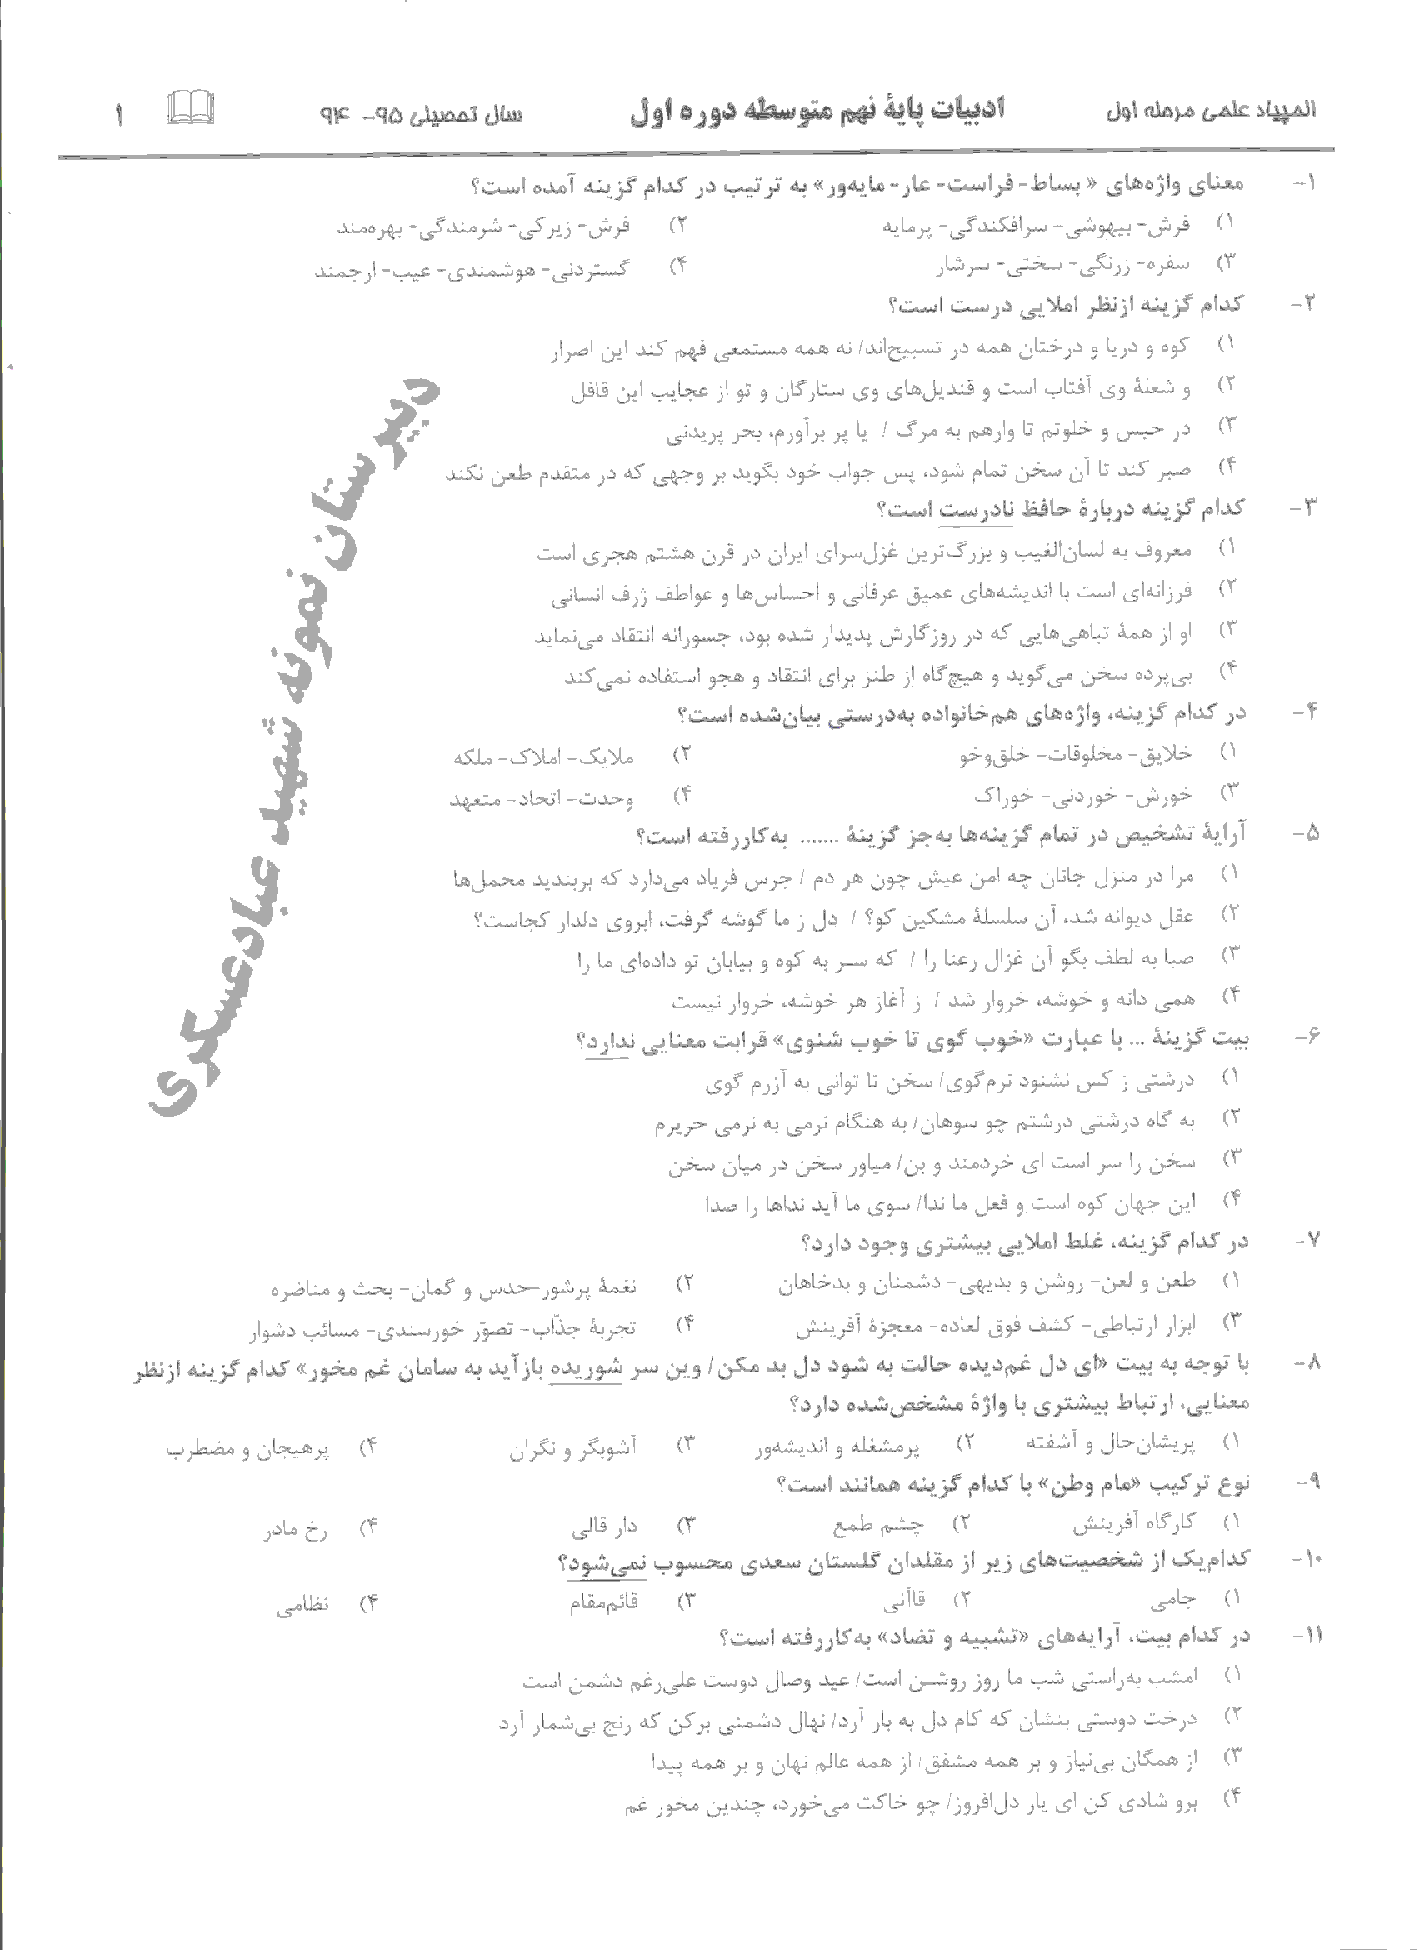 المپیاد ادبیات فارسی پایۀ نهم استان خراسان رضوی (30 سؤال تستی ) | مرحلۀ اول: بهمن94